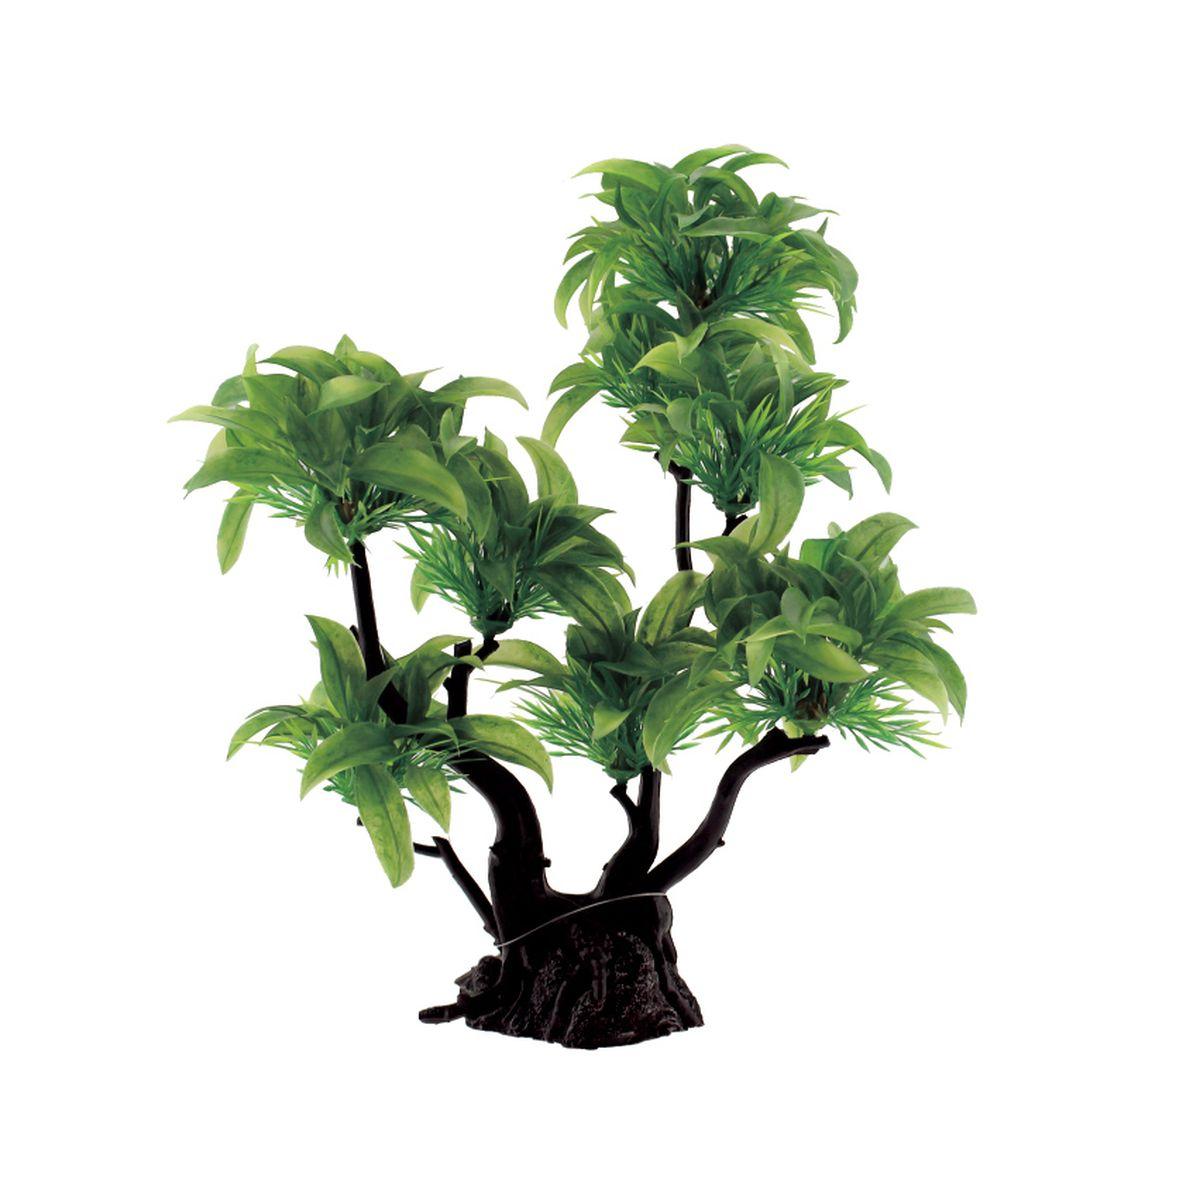 Композиция из растений для аквариума ArtUniq Буцефаландра, 27 x 23 x 32 см0120710Композиция из искусственных растений ArtUniq превосходно украсит и оживит аквариум.Растения - это важная часть любой композиции, они помогут вдохнуть жизнь в ландшафт любого аквариума или террариума. Лучше всего это сделают яркие и сочные цвета искусственных растений серии ArtPlants. Композиция является точной копией природного растения.